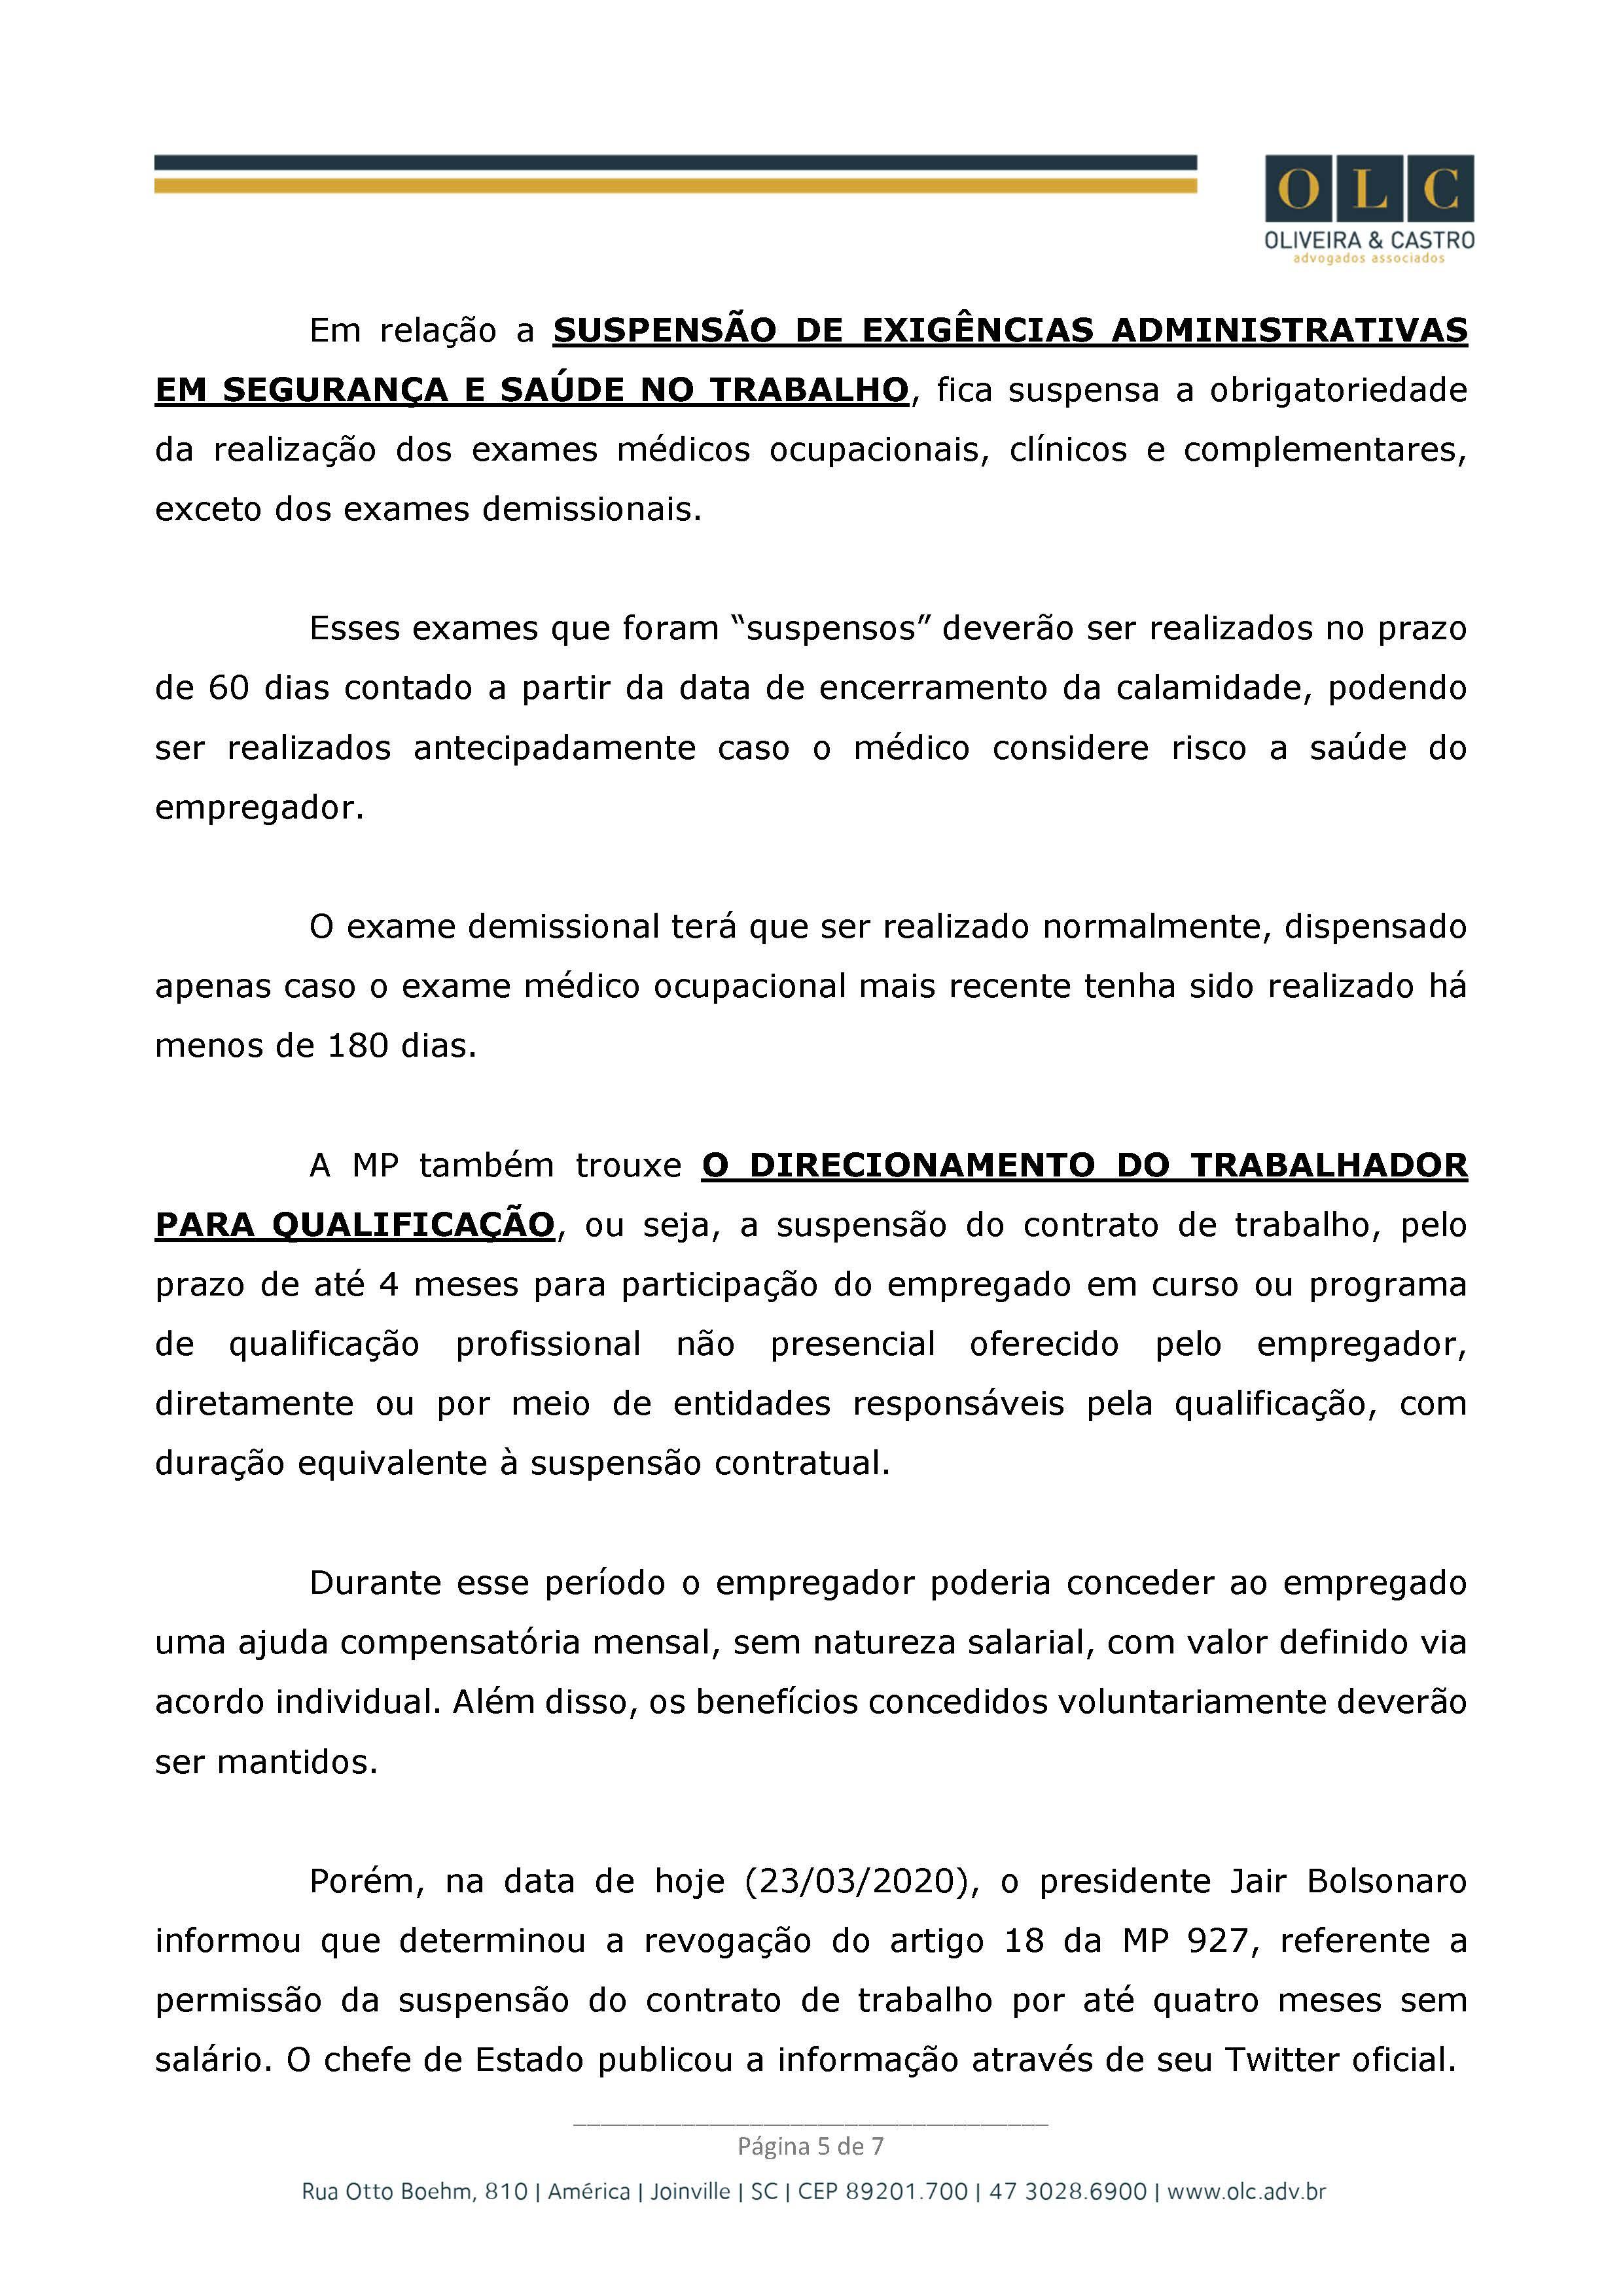 Carta Explicativa - Oliveira e Castro Advogados (1)_Página_5